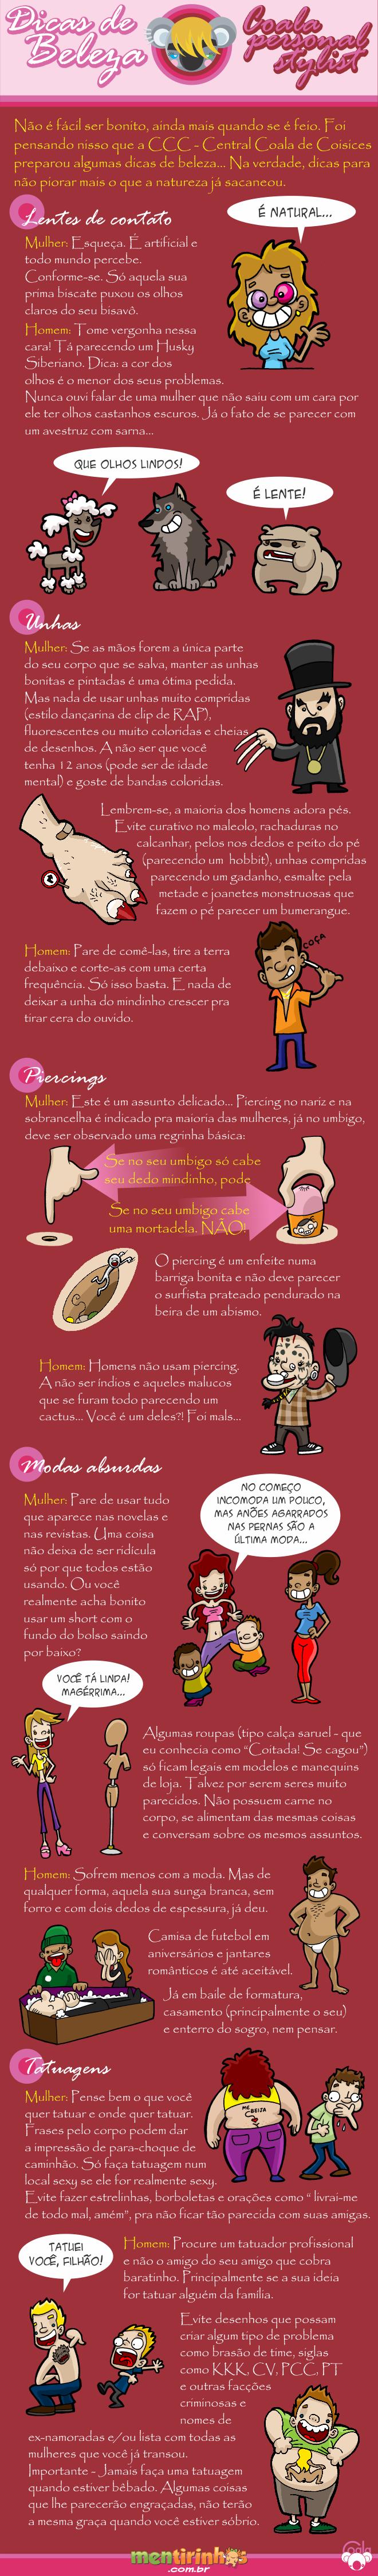 dicas_de_beleza1